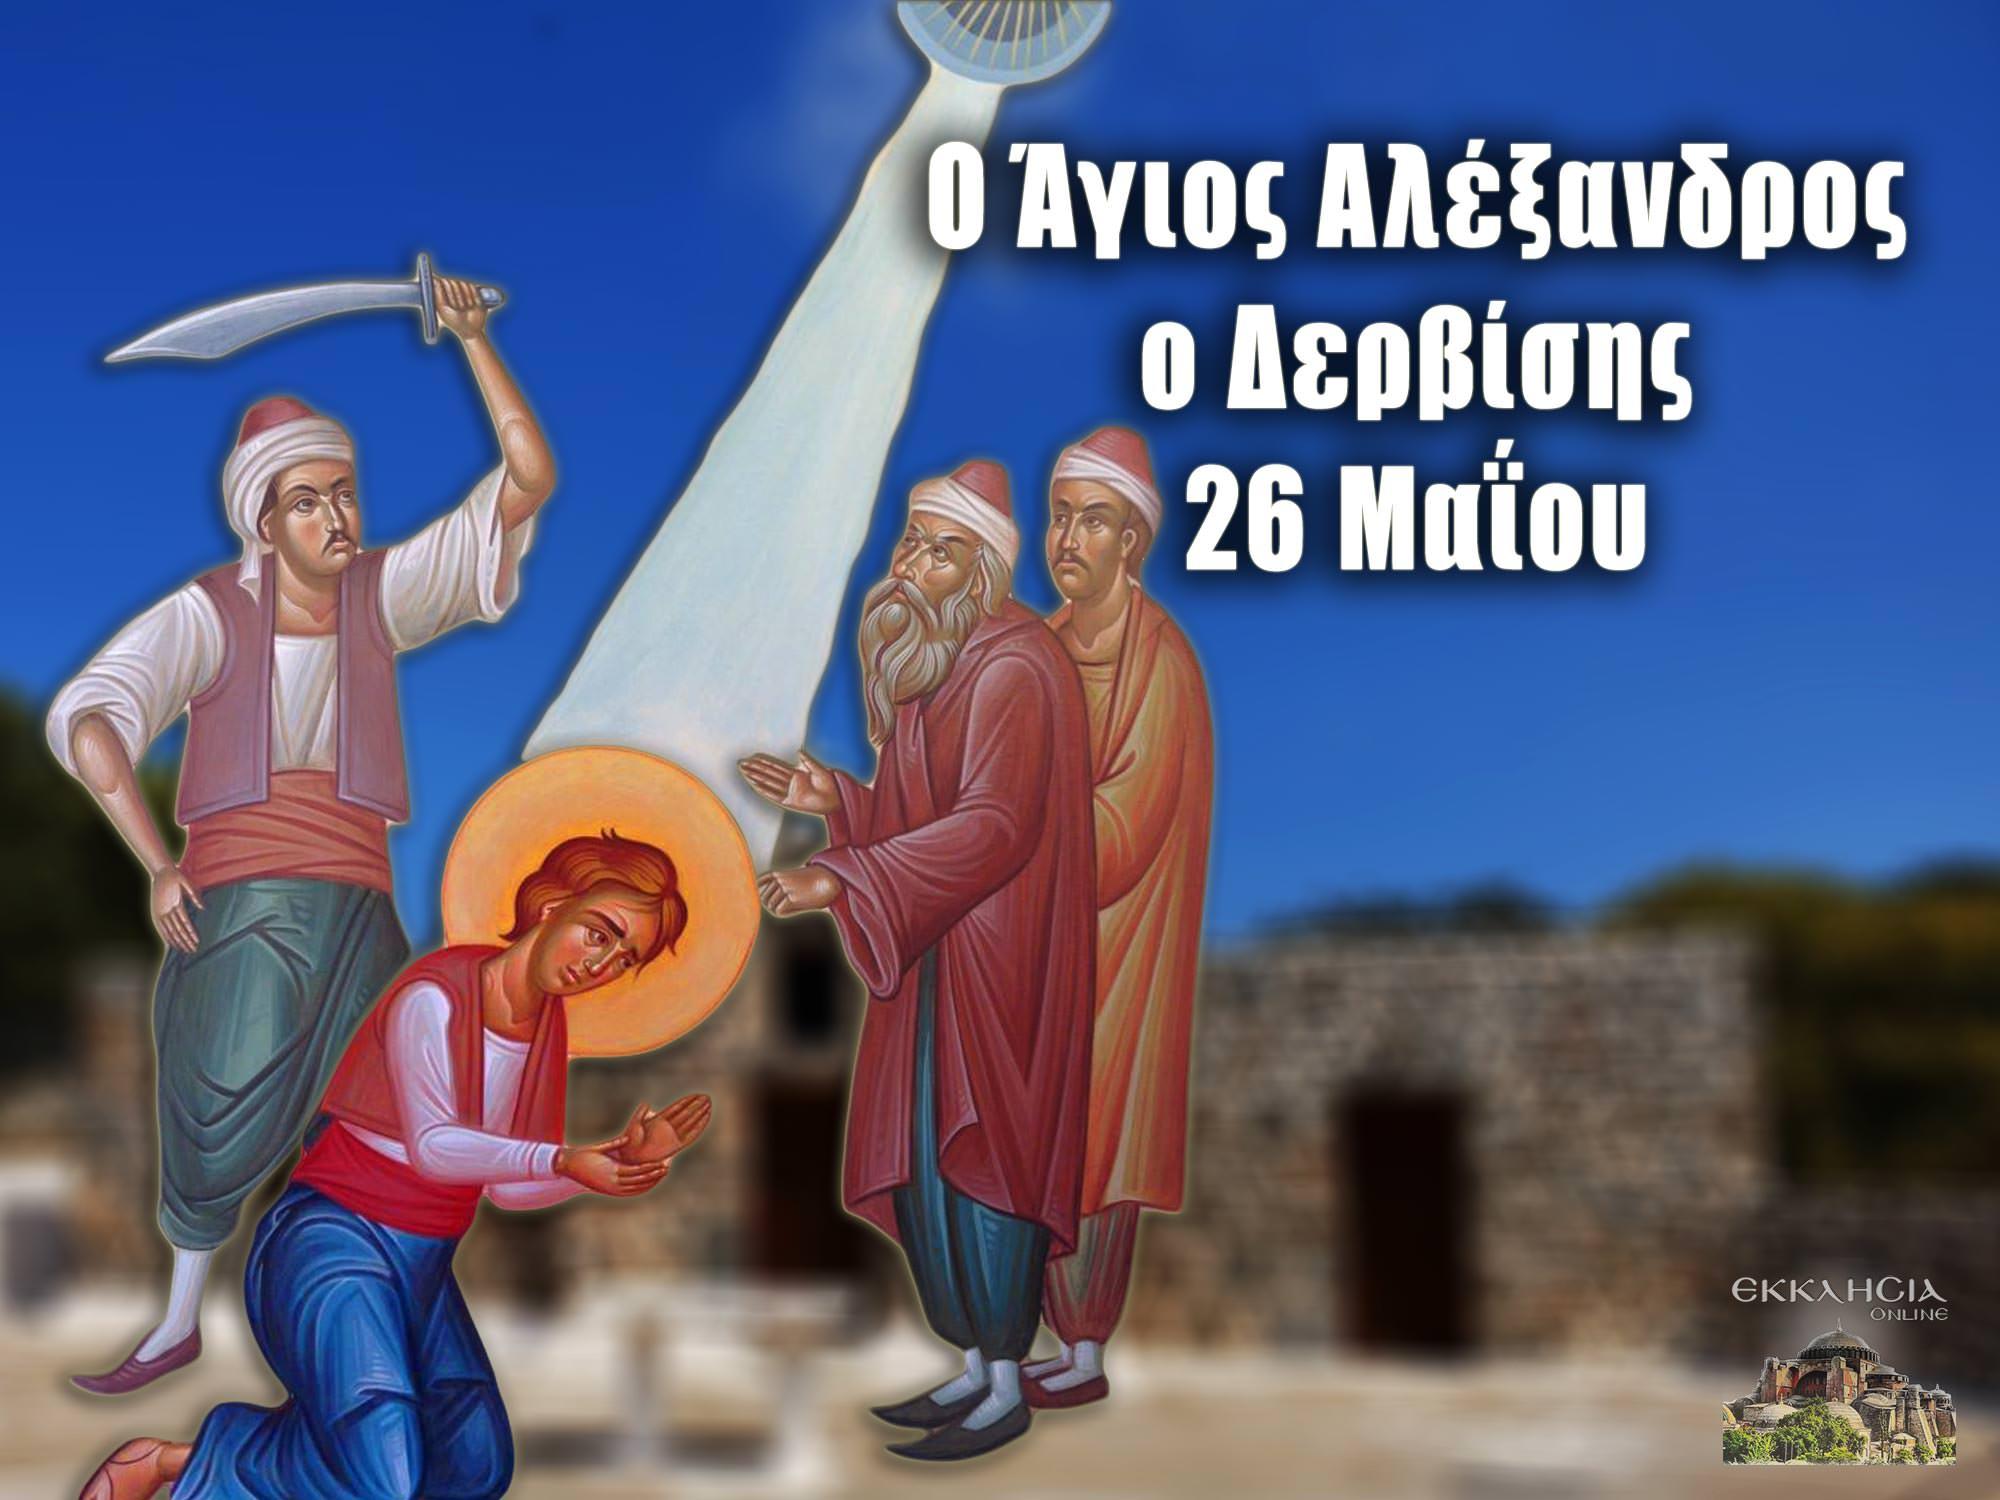 Άγιος Αλέξανδρος Θεσσαλονίκης 26 Μαΐου